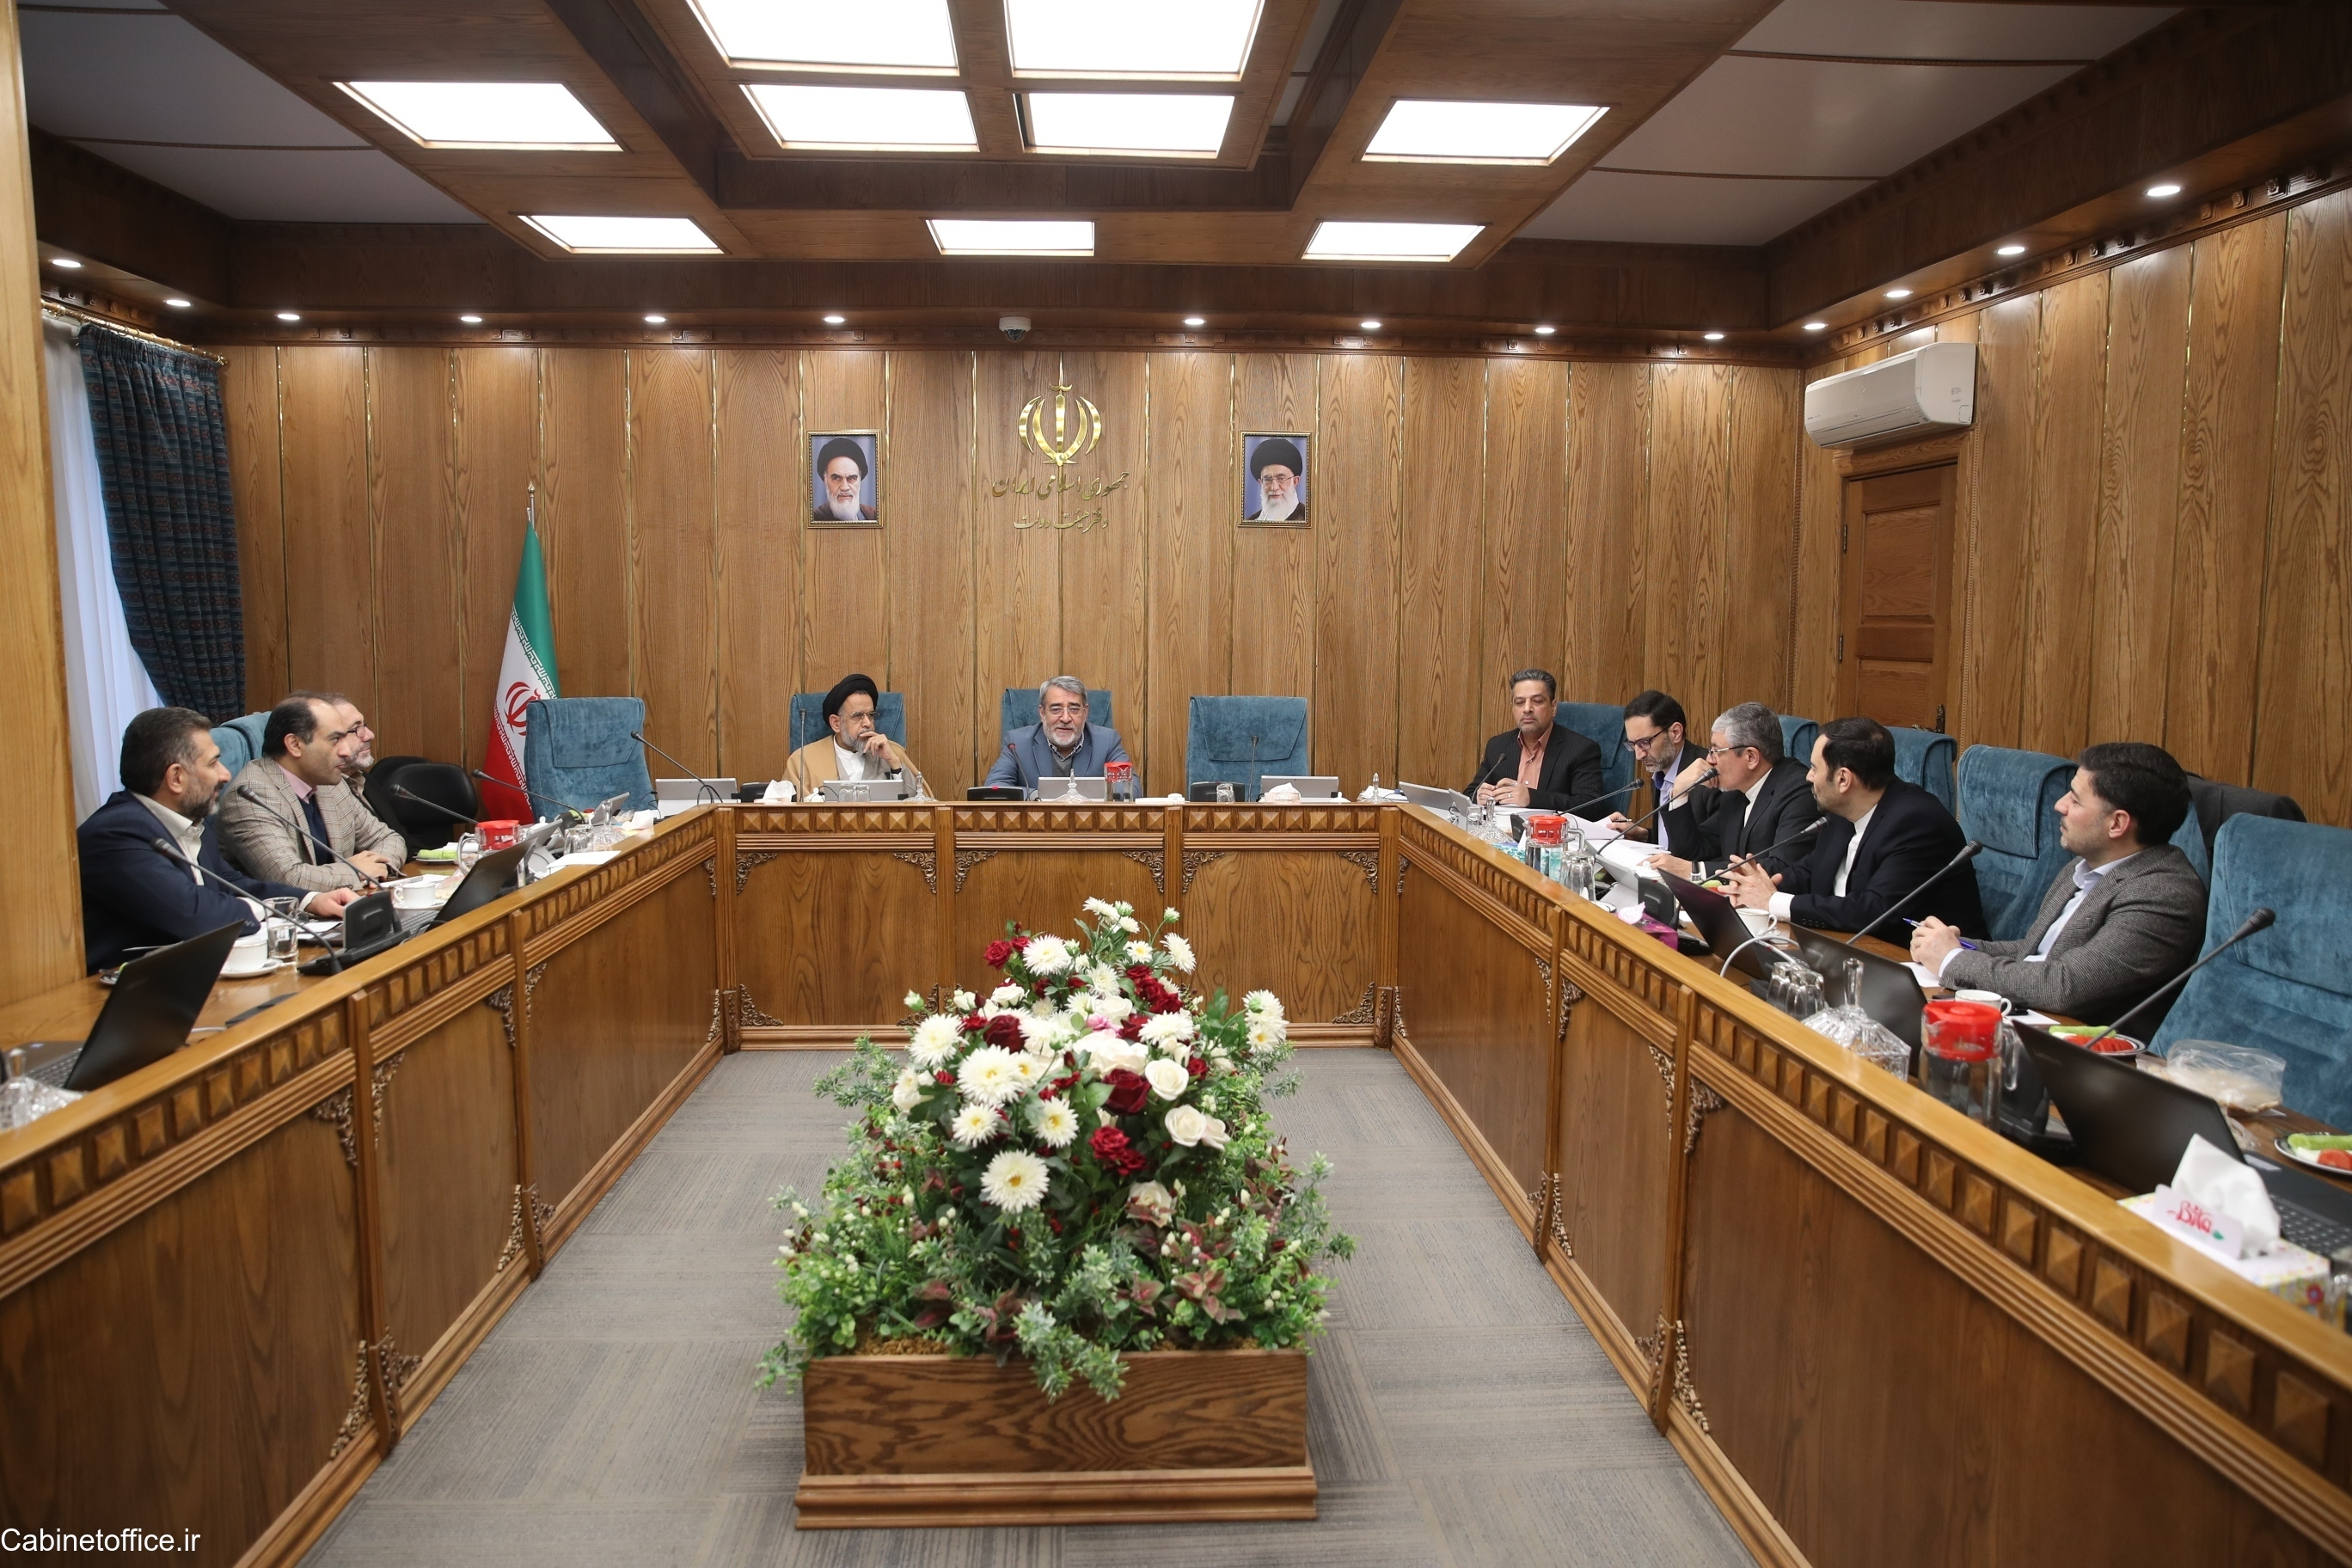 پیشنهاد اصلاح آییننامه نظارت بر مسافرتهای خارجی دستگاههای اجرایی، در دستورکار هیئت وزیران